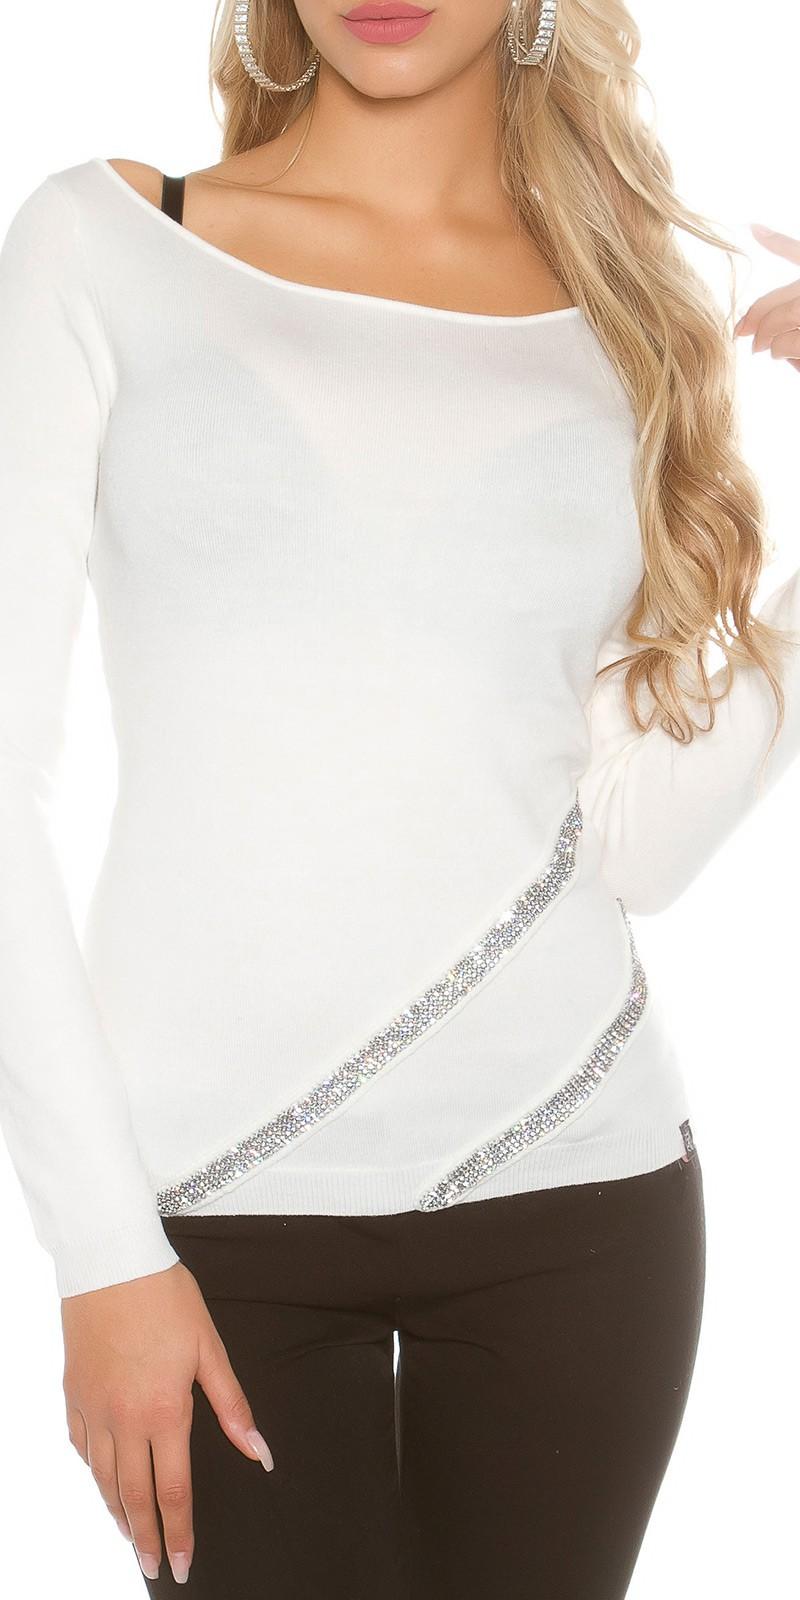 Jemný pletený svetr Koucla s kamínky bílý